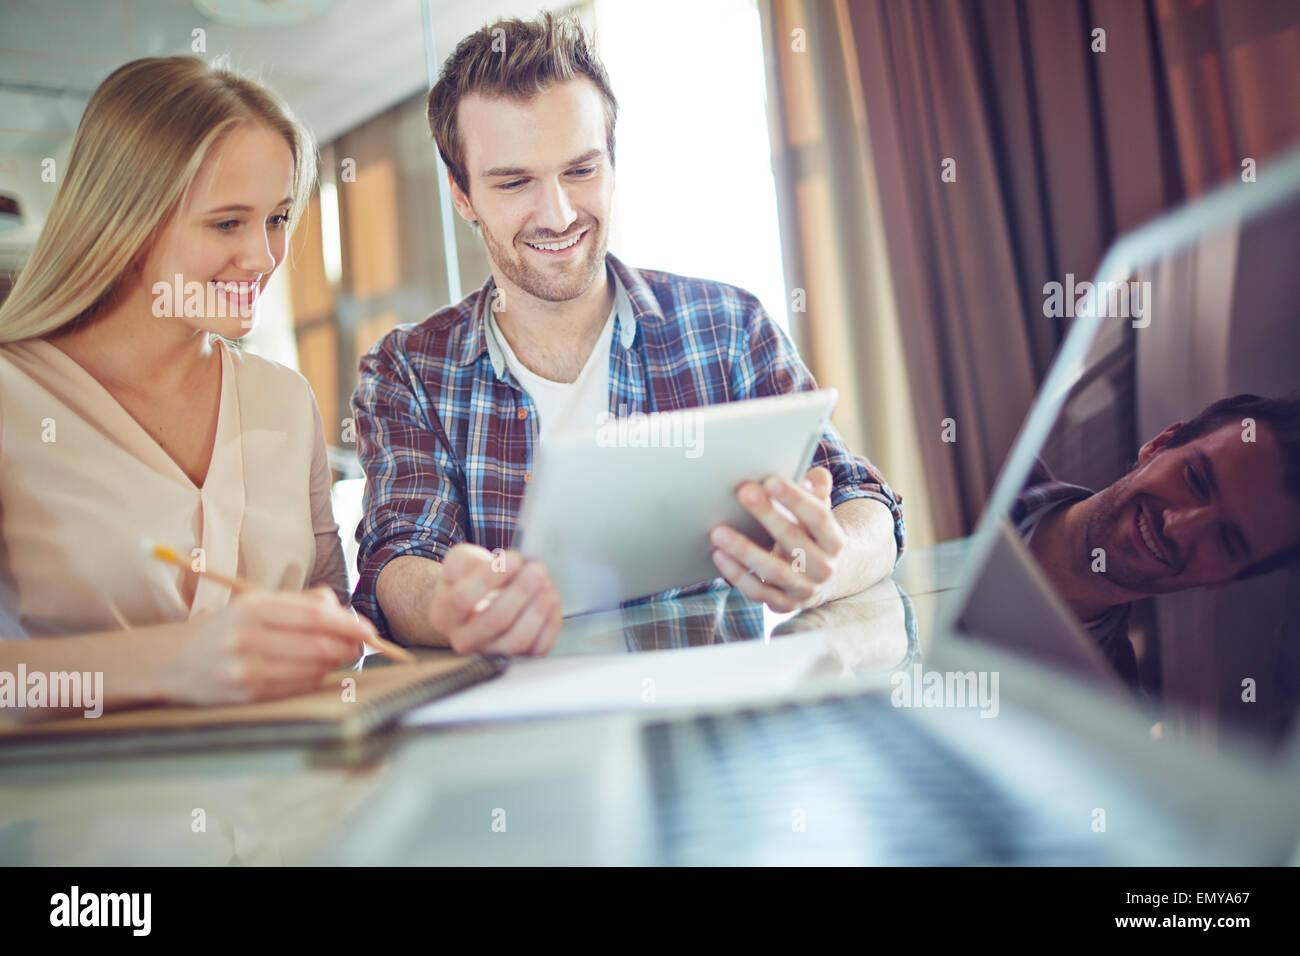 Les jeunes employés en examinant les données en réunion à pavé tactile Photo Stock